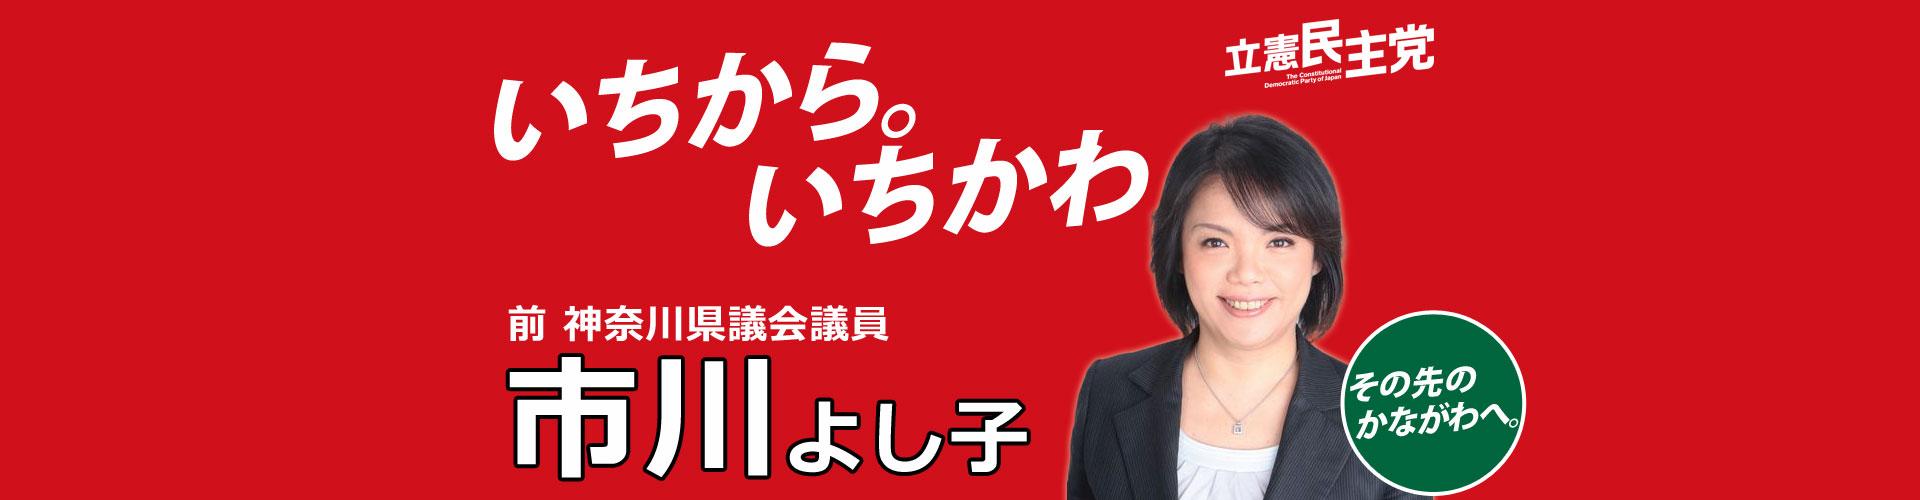 神奈川県議会議員 市川よし子